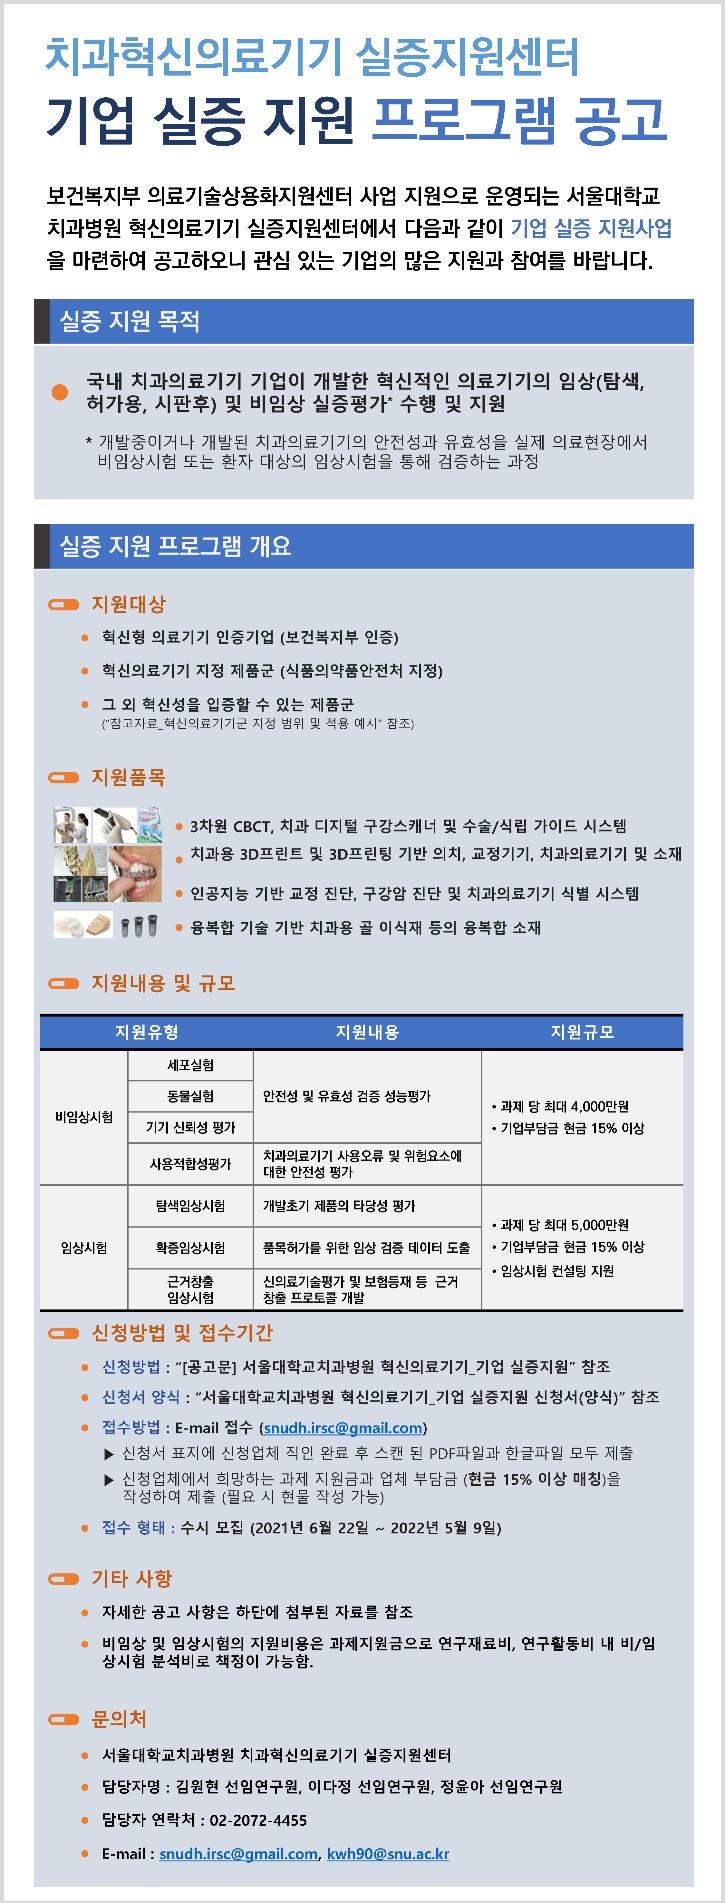 치과혁신의료기기 실증지원 프로그램_수시 공고문.jpg